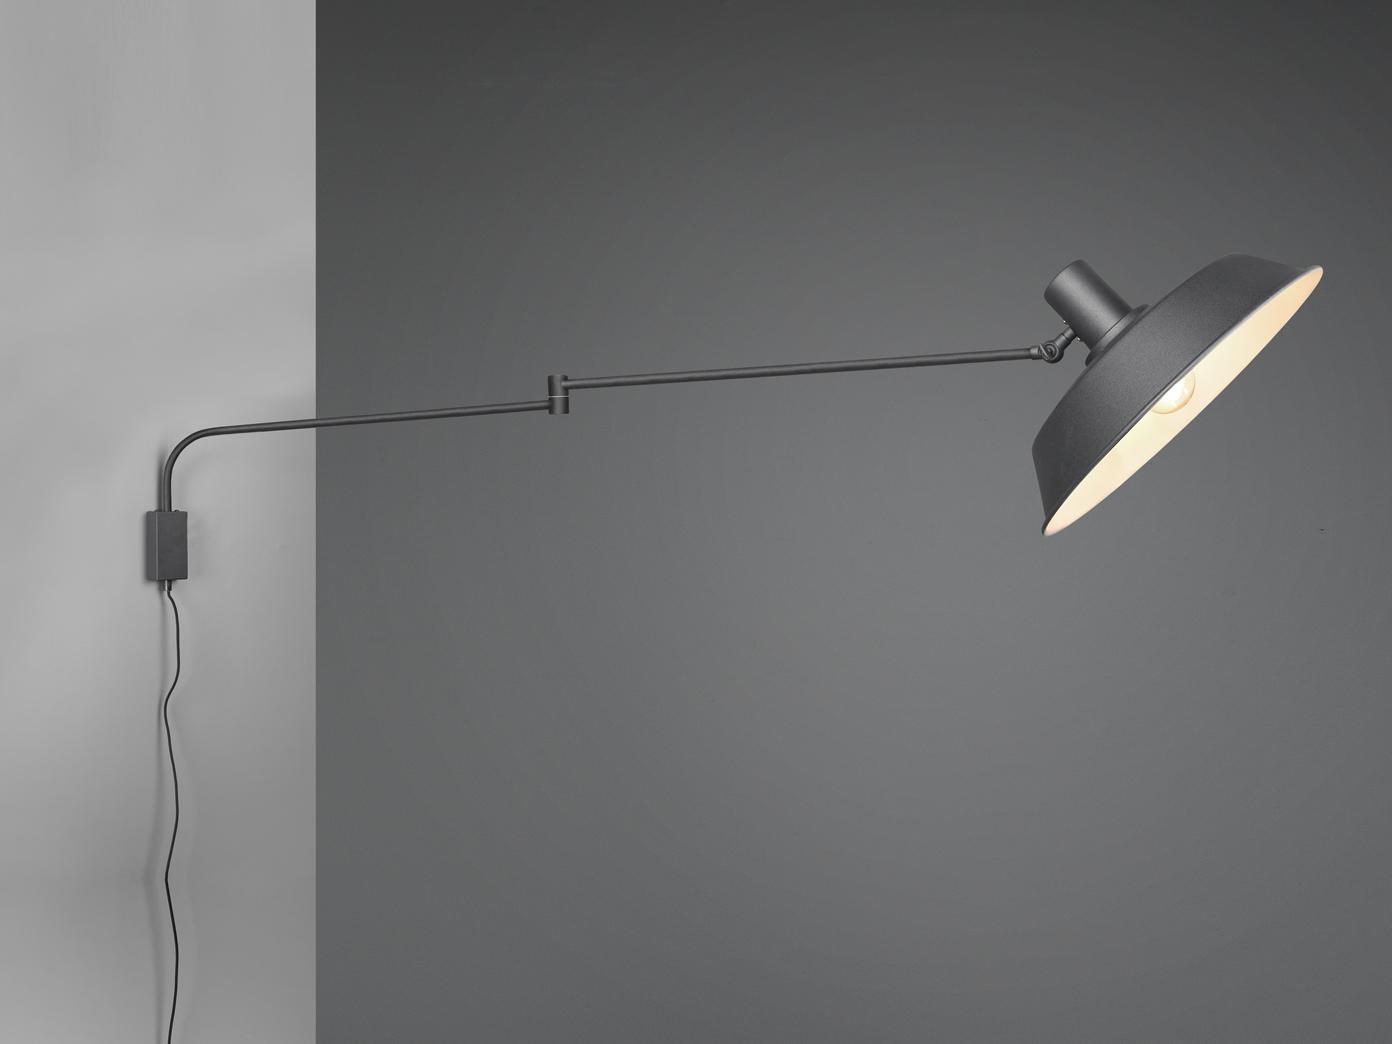 Wandlampe Schwenkarmleuchte mit Teleskoparm Metallschirm Kabel Schalter  Stecker   yatego.com